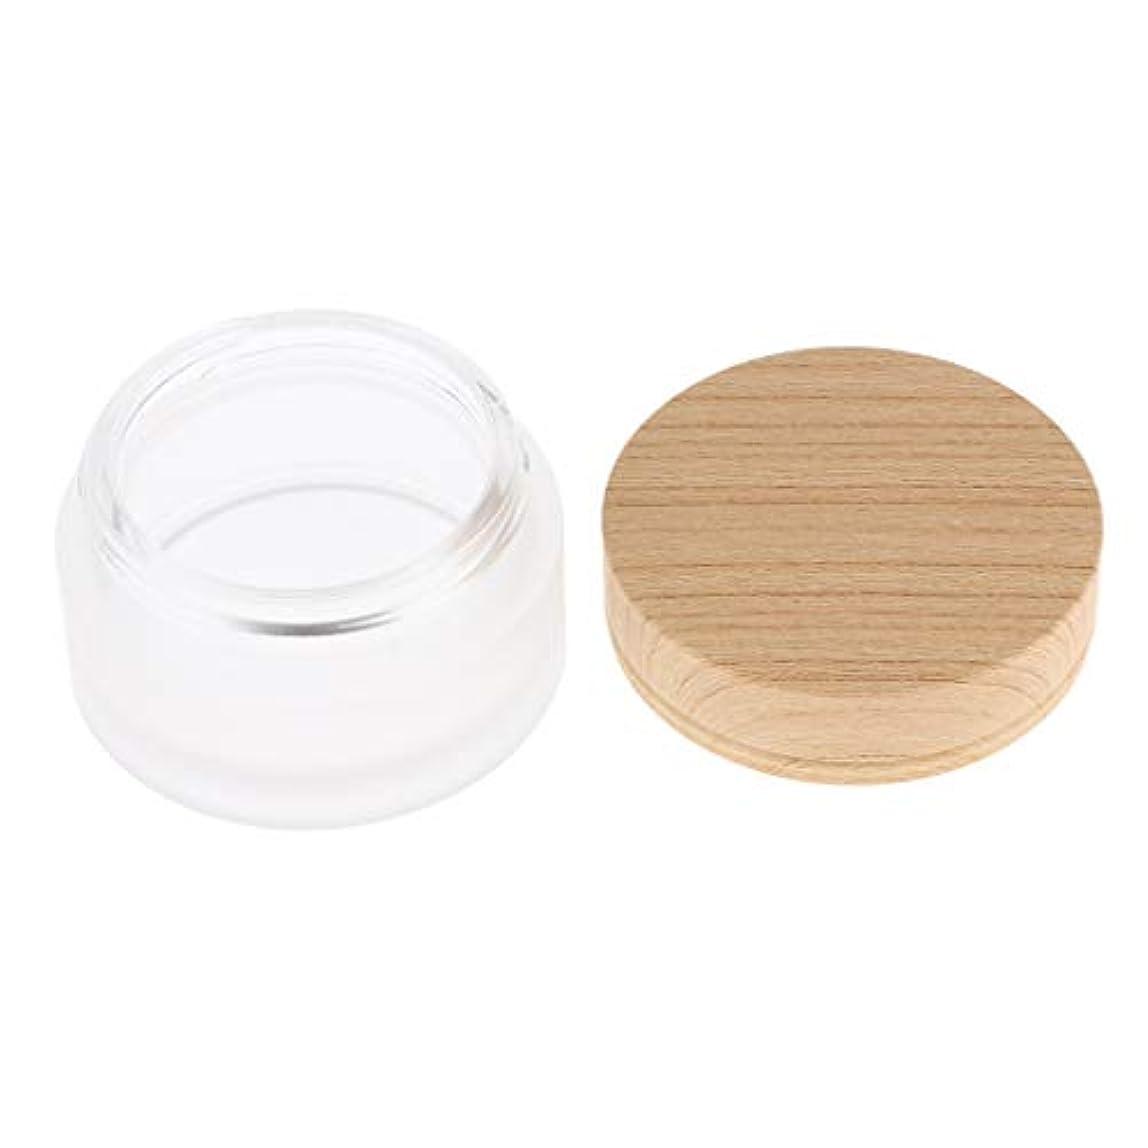 スラダム休戦背骨再利用可能なフェイスクリーム保湿剤化粧容器ポット化粧品瓶缶 - 30g